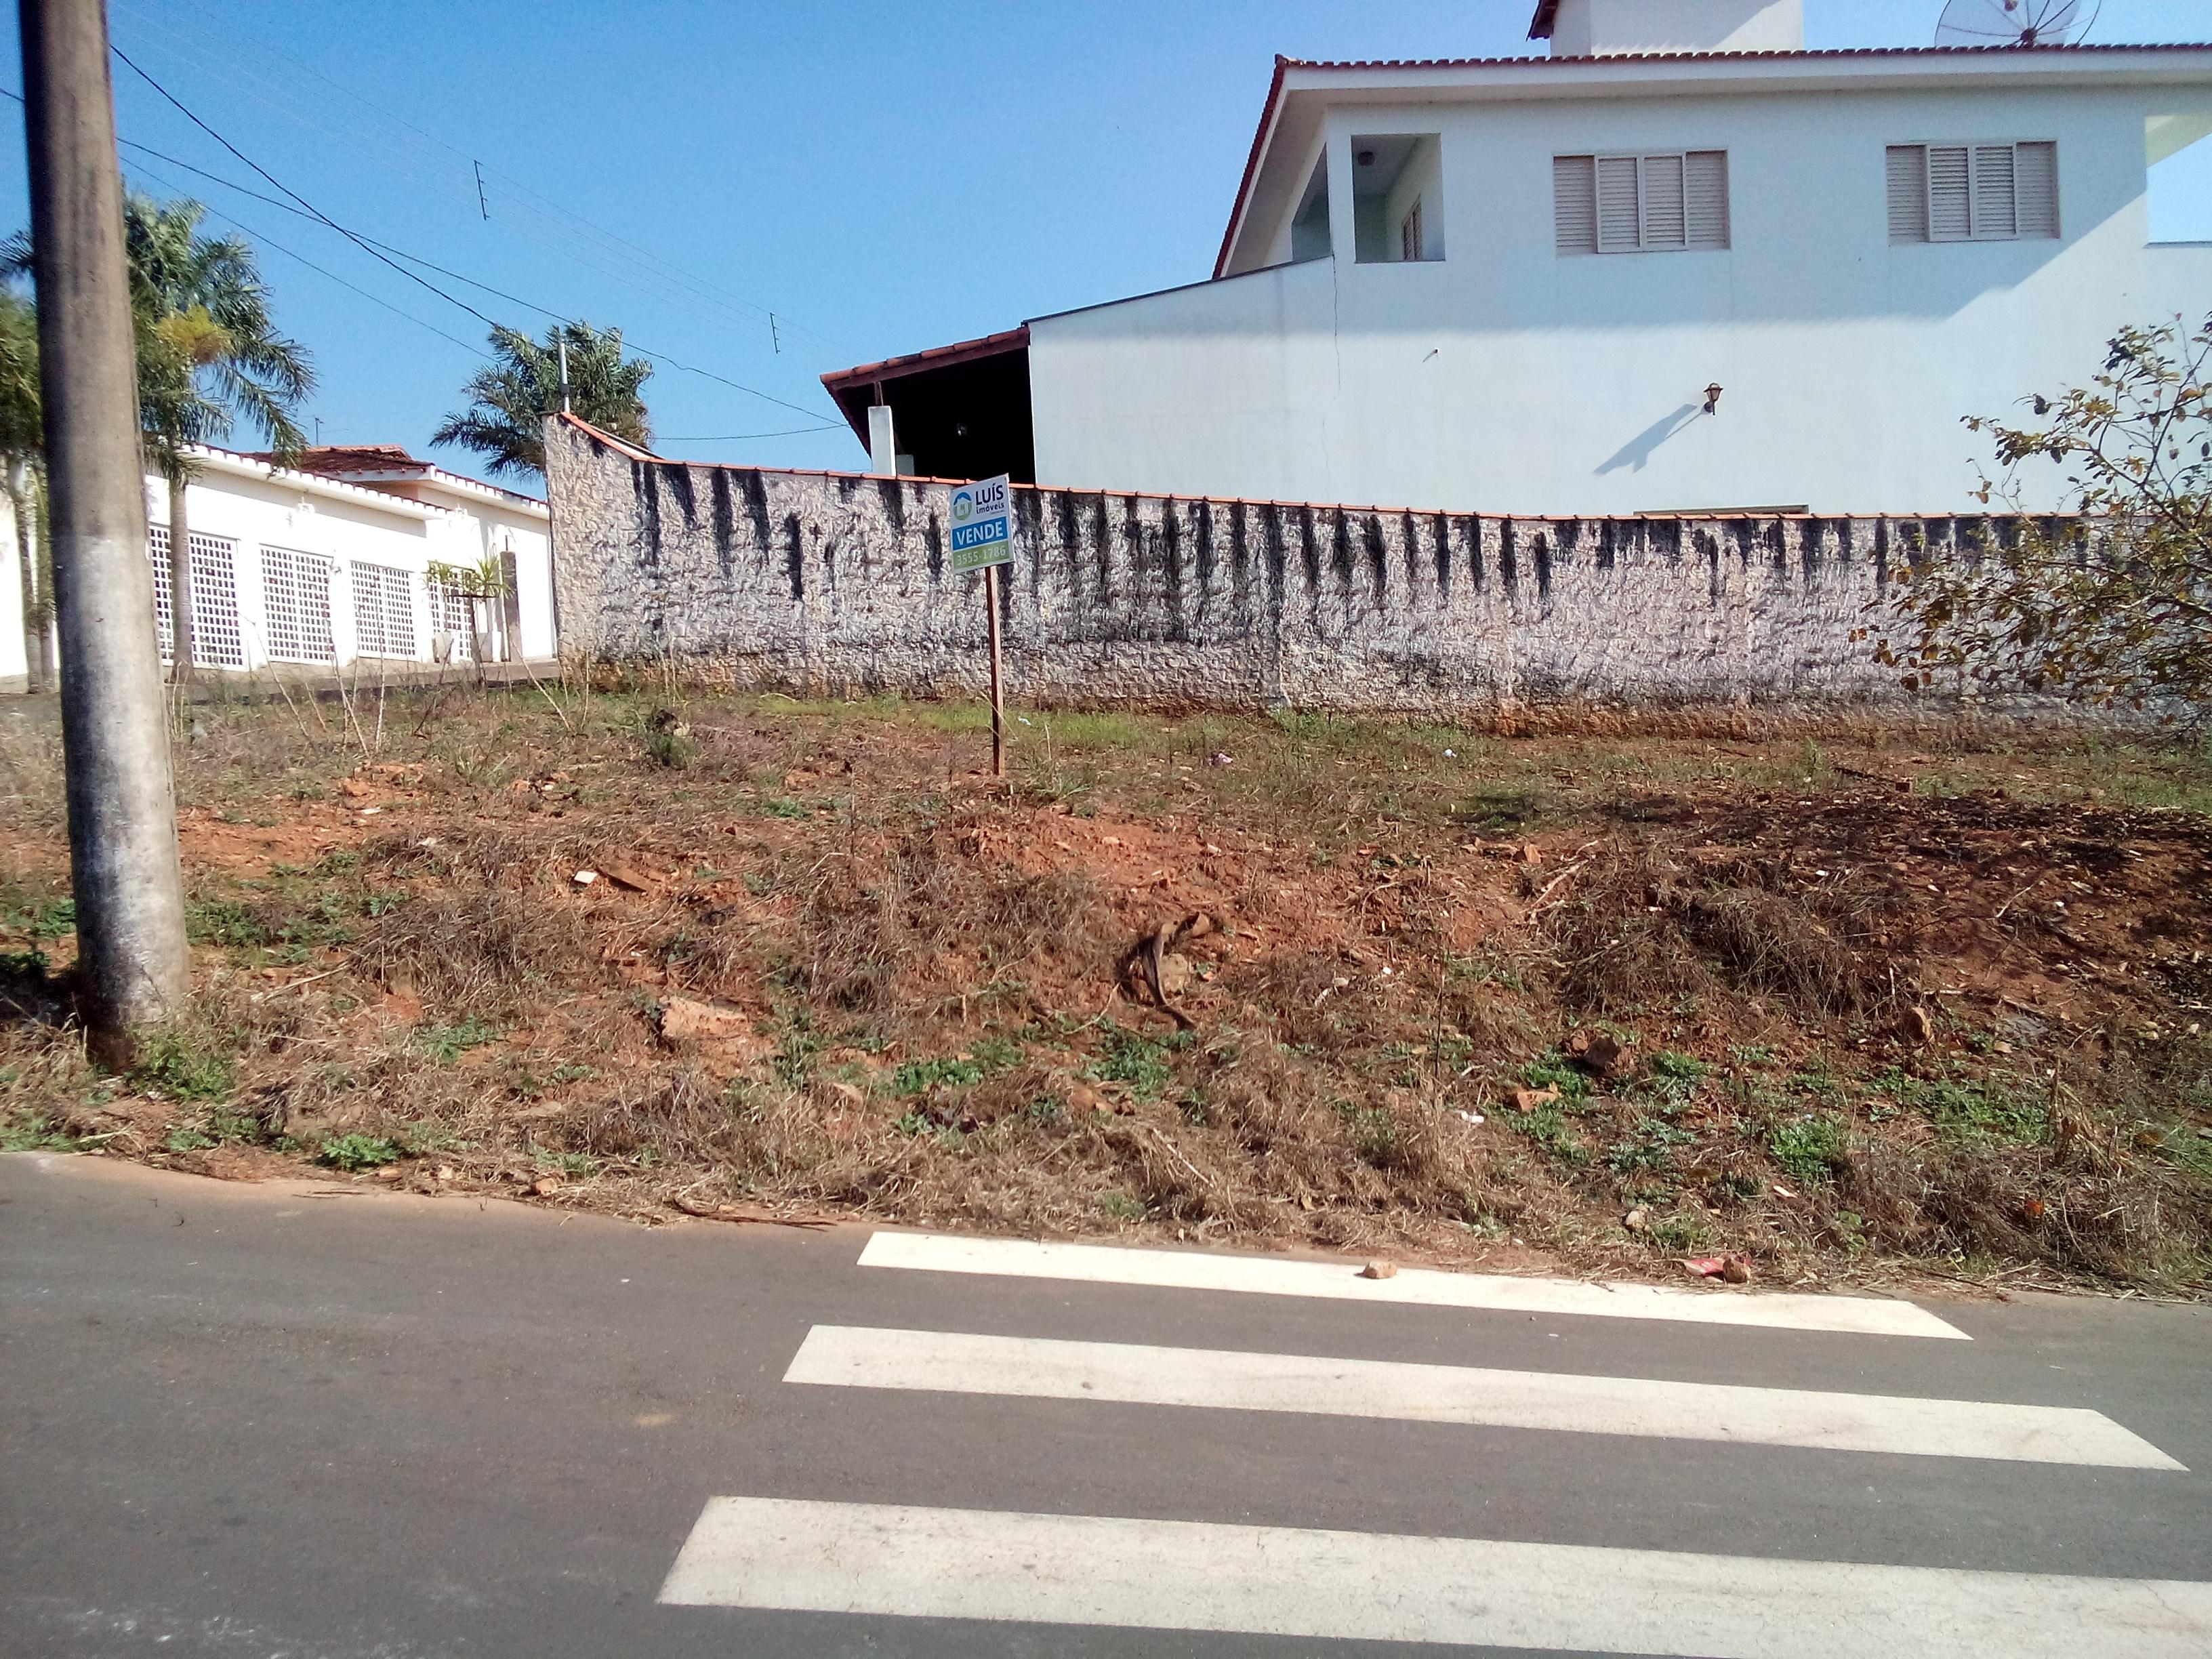 Terreno disponível para Venda Rua: André Torres, bairro Nova Guaranésia, Guaranésia – MG